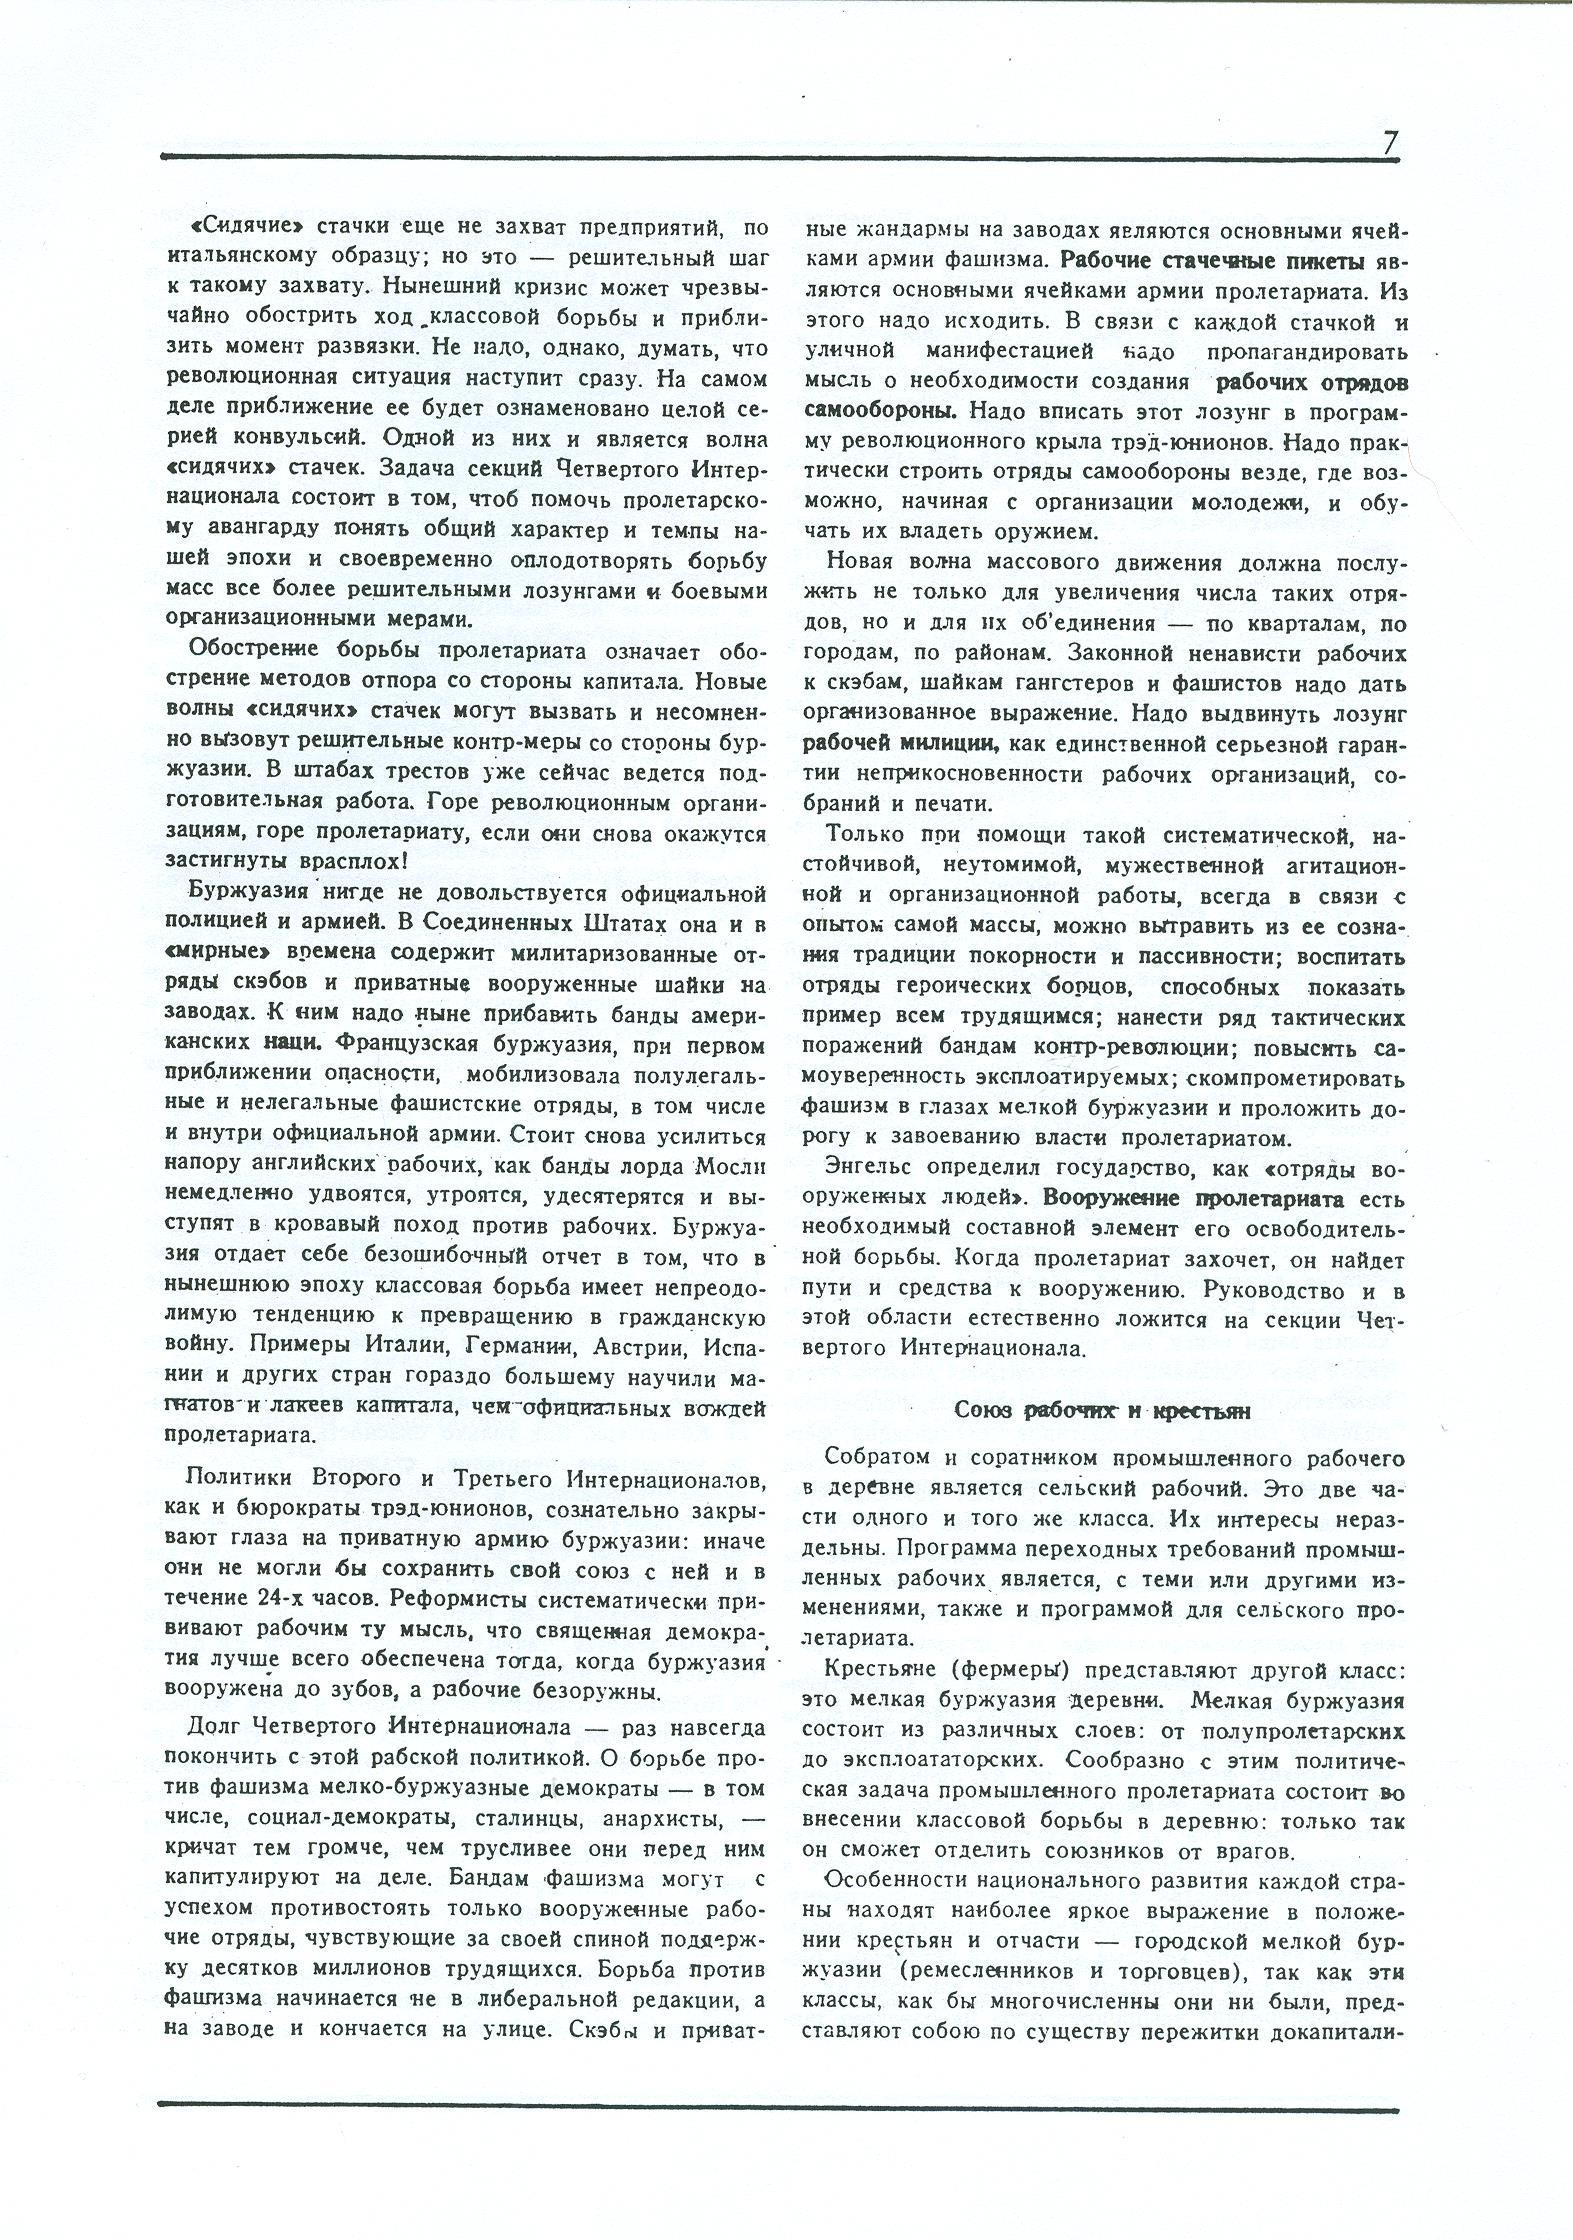 Dagli archivi del bolscevismo n. 1 (marzo 1986) - pag. 7